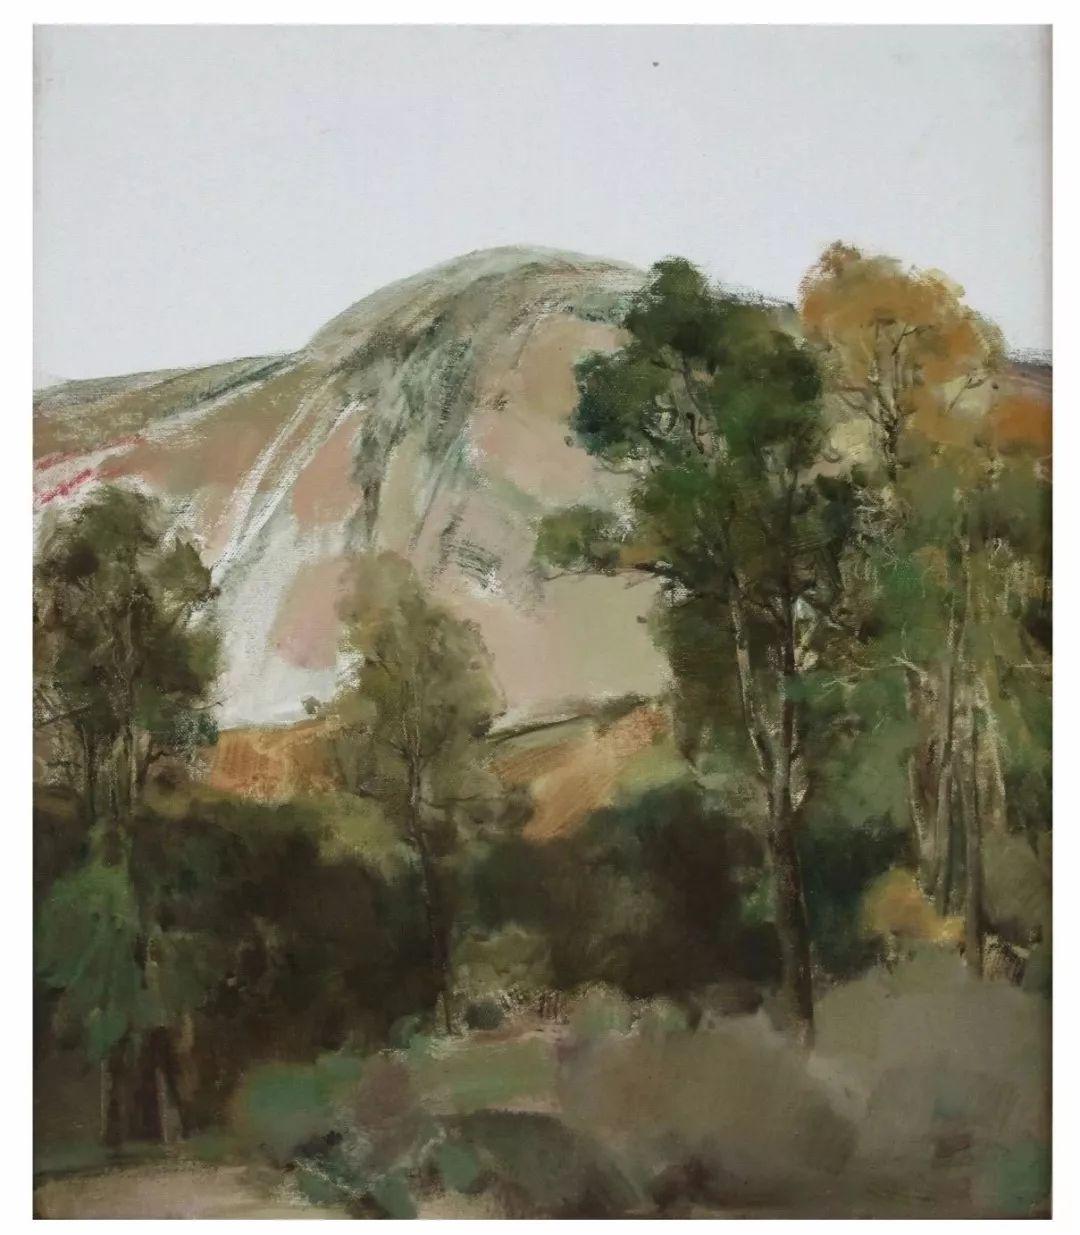 蒙古族画家达林太作品欣赏 第21张